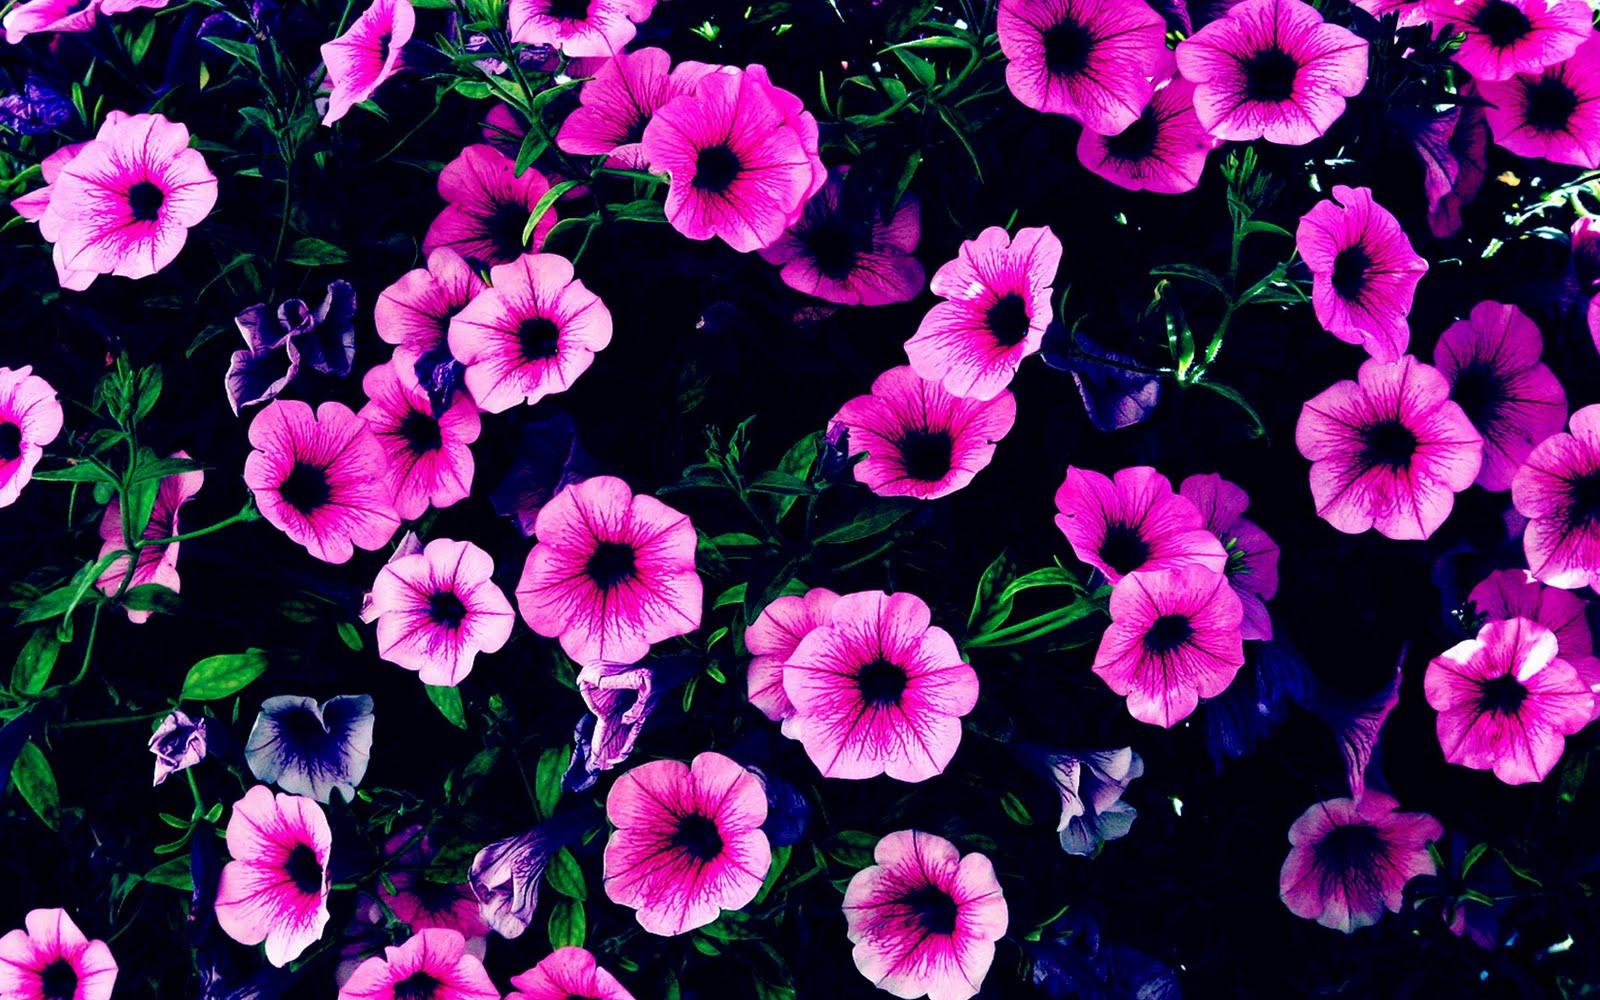 purple flower desktop wallpaper - photo #24